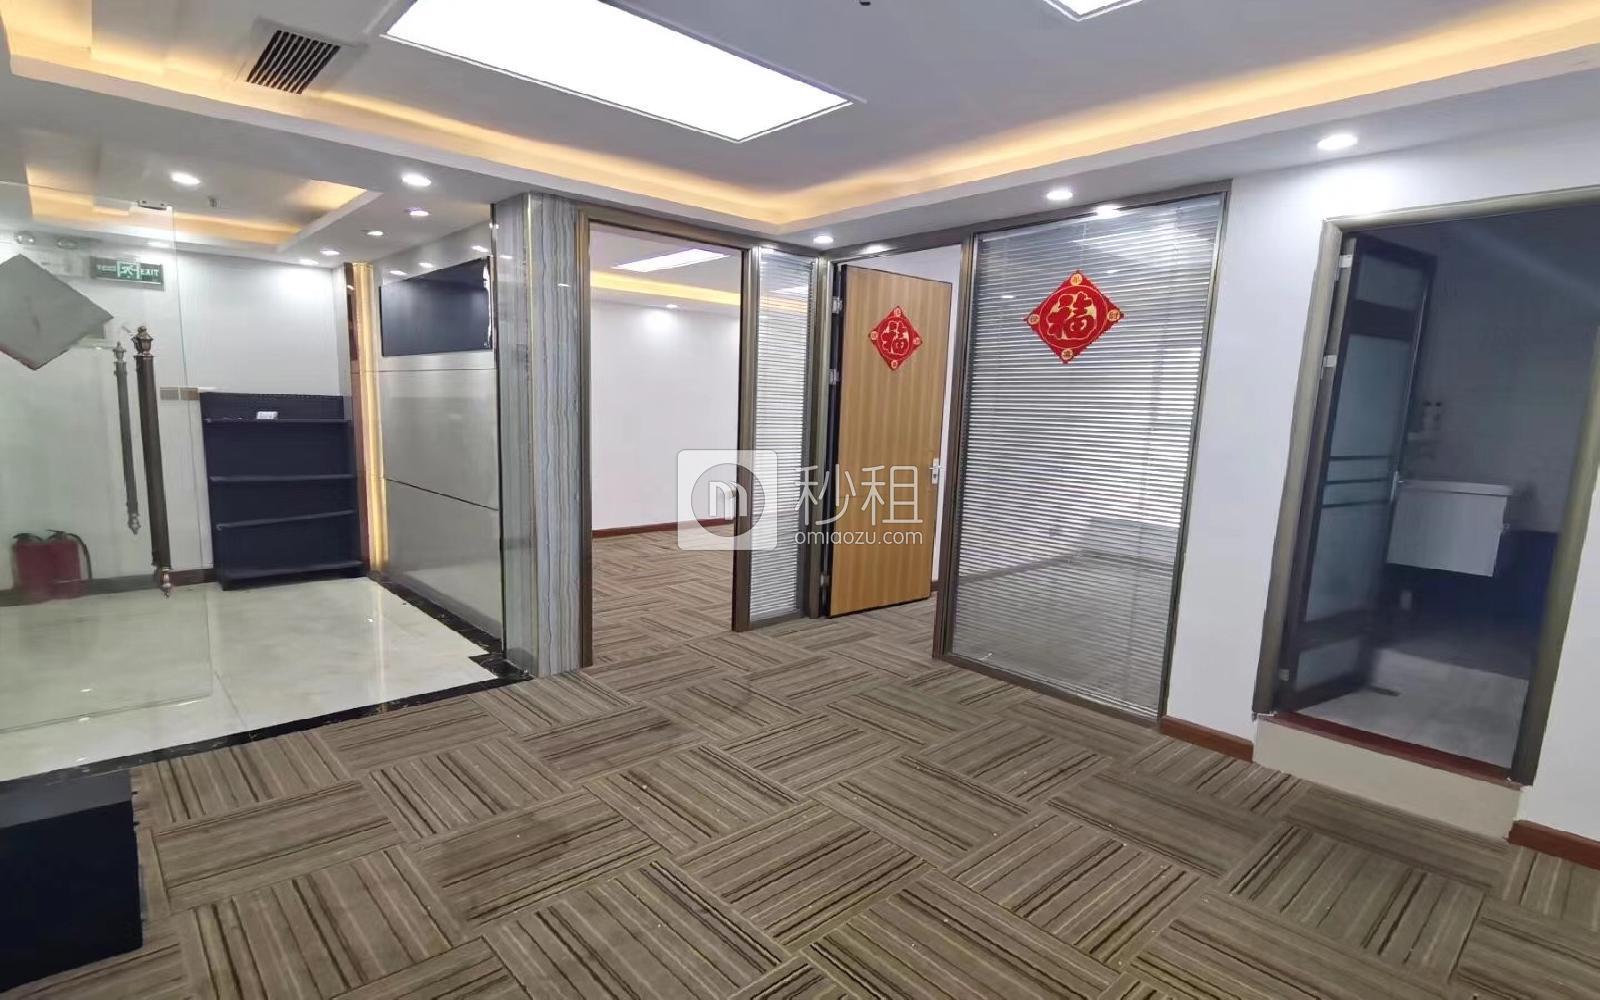 福田-车公庙 杭钢富春大厦 108m²